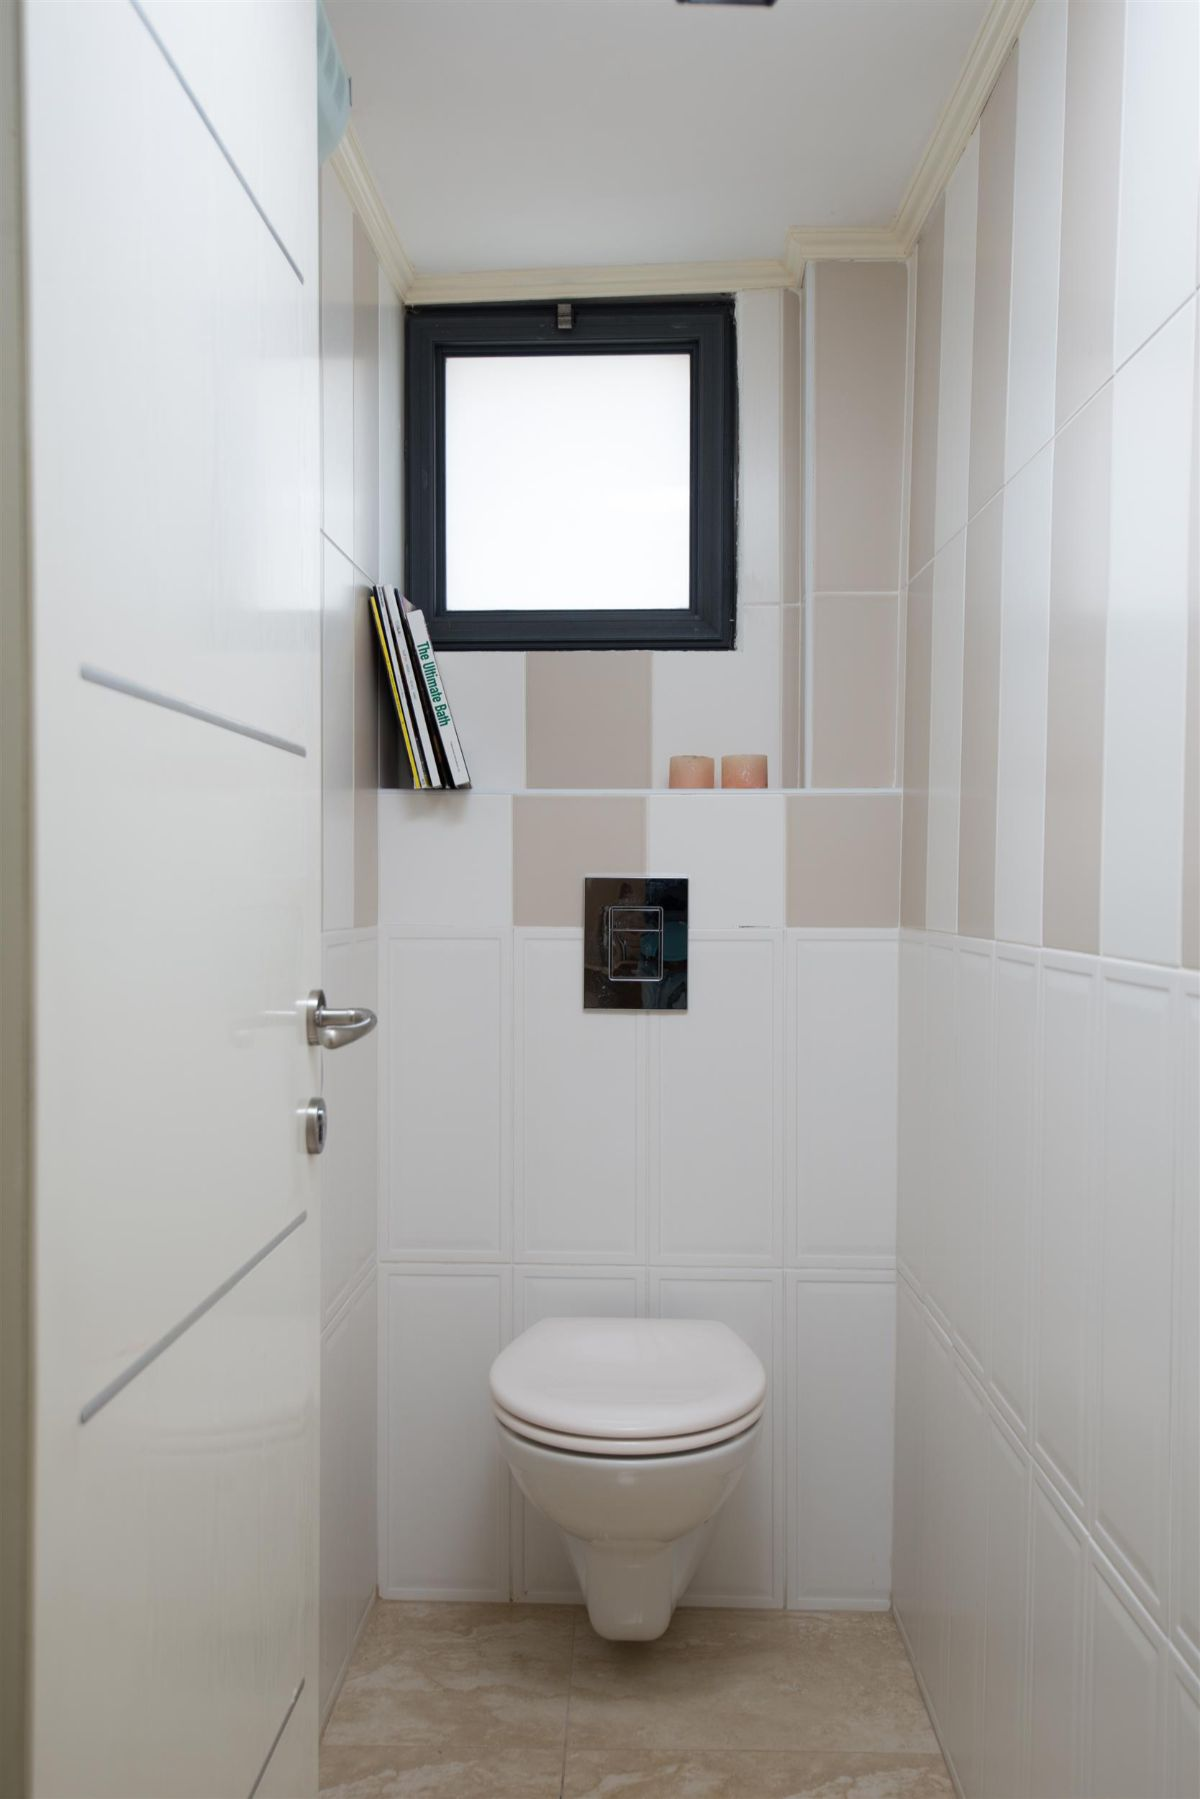 עיצוב פנים שירותים | אדריכלות שירותים - שירותים